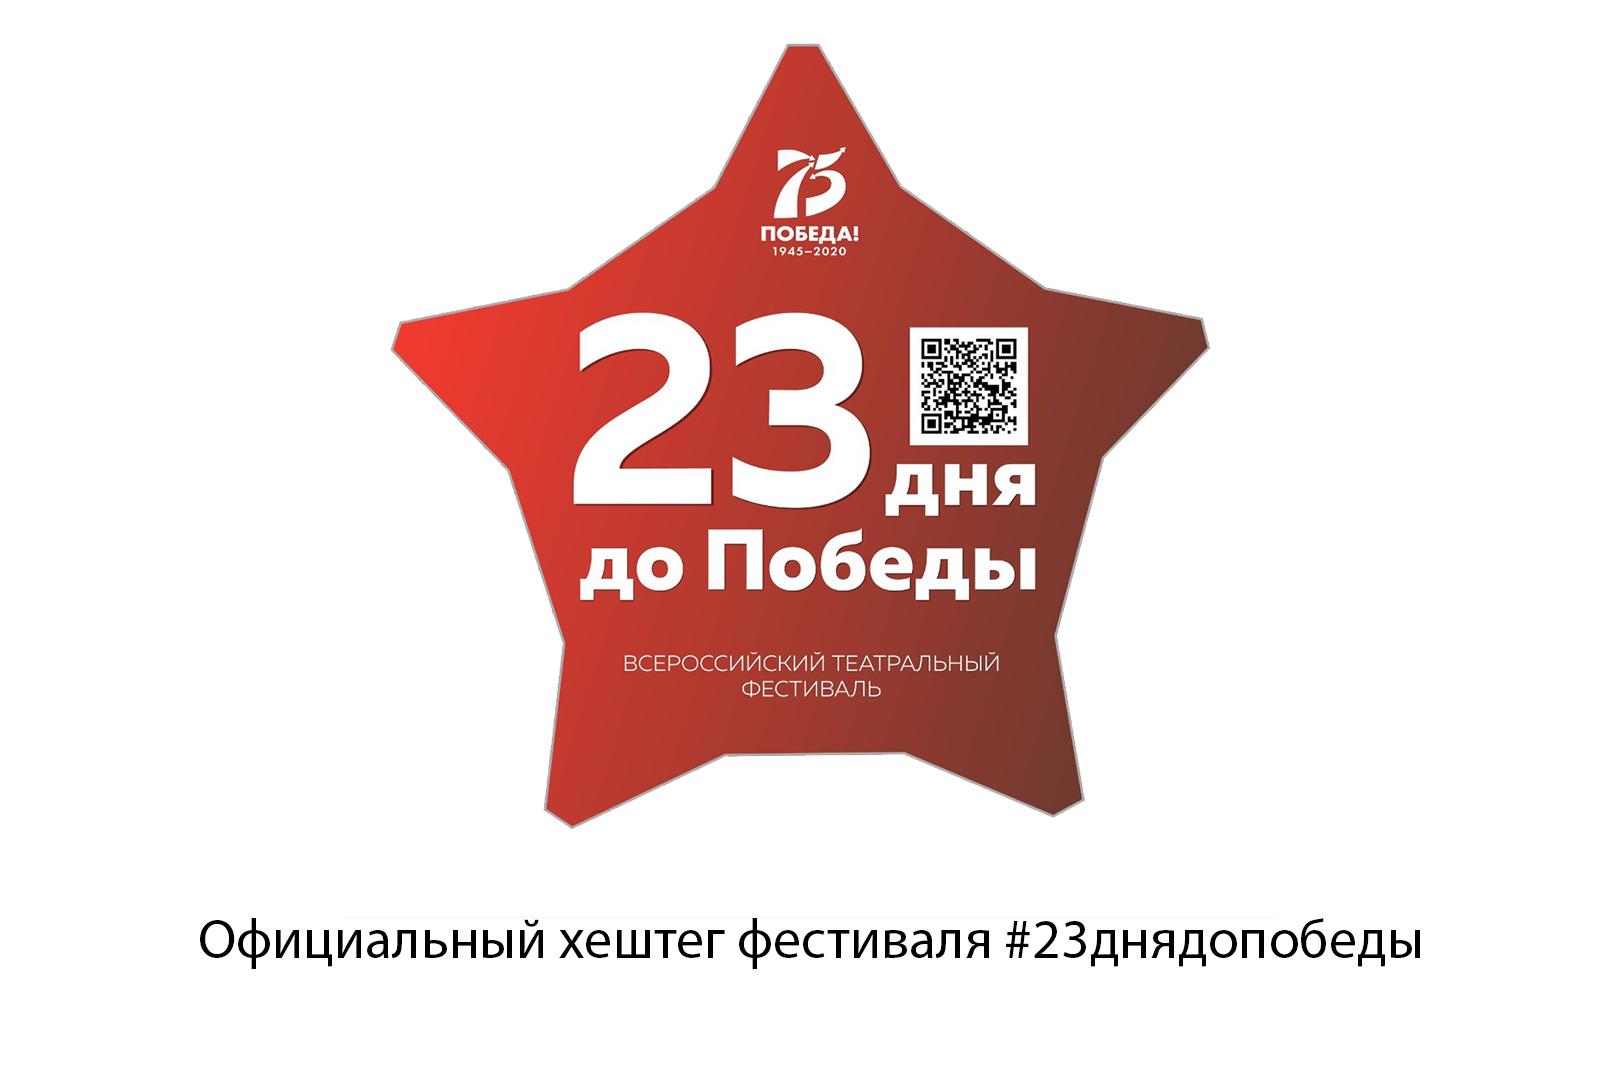 ЛАРДТ имени П. Луспекаева примет участие во Всероссийском театральном фестивале «23 дня до Победы»